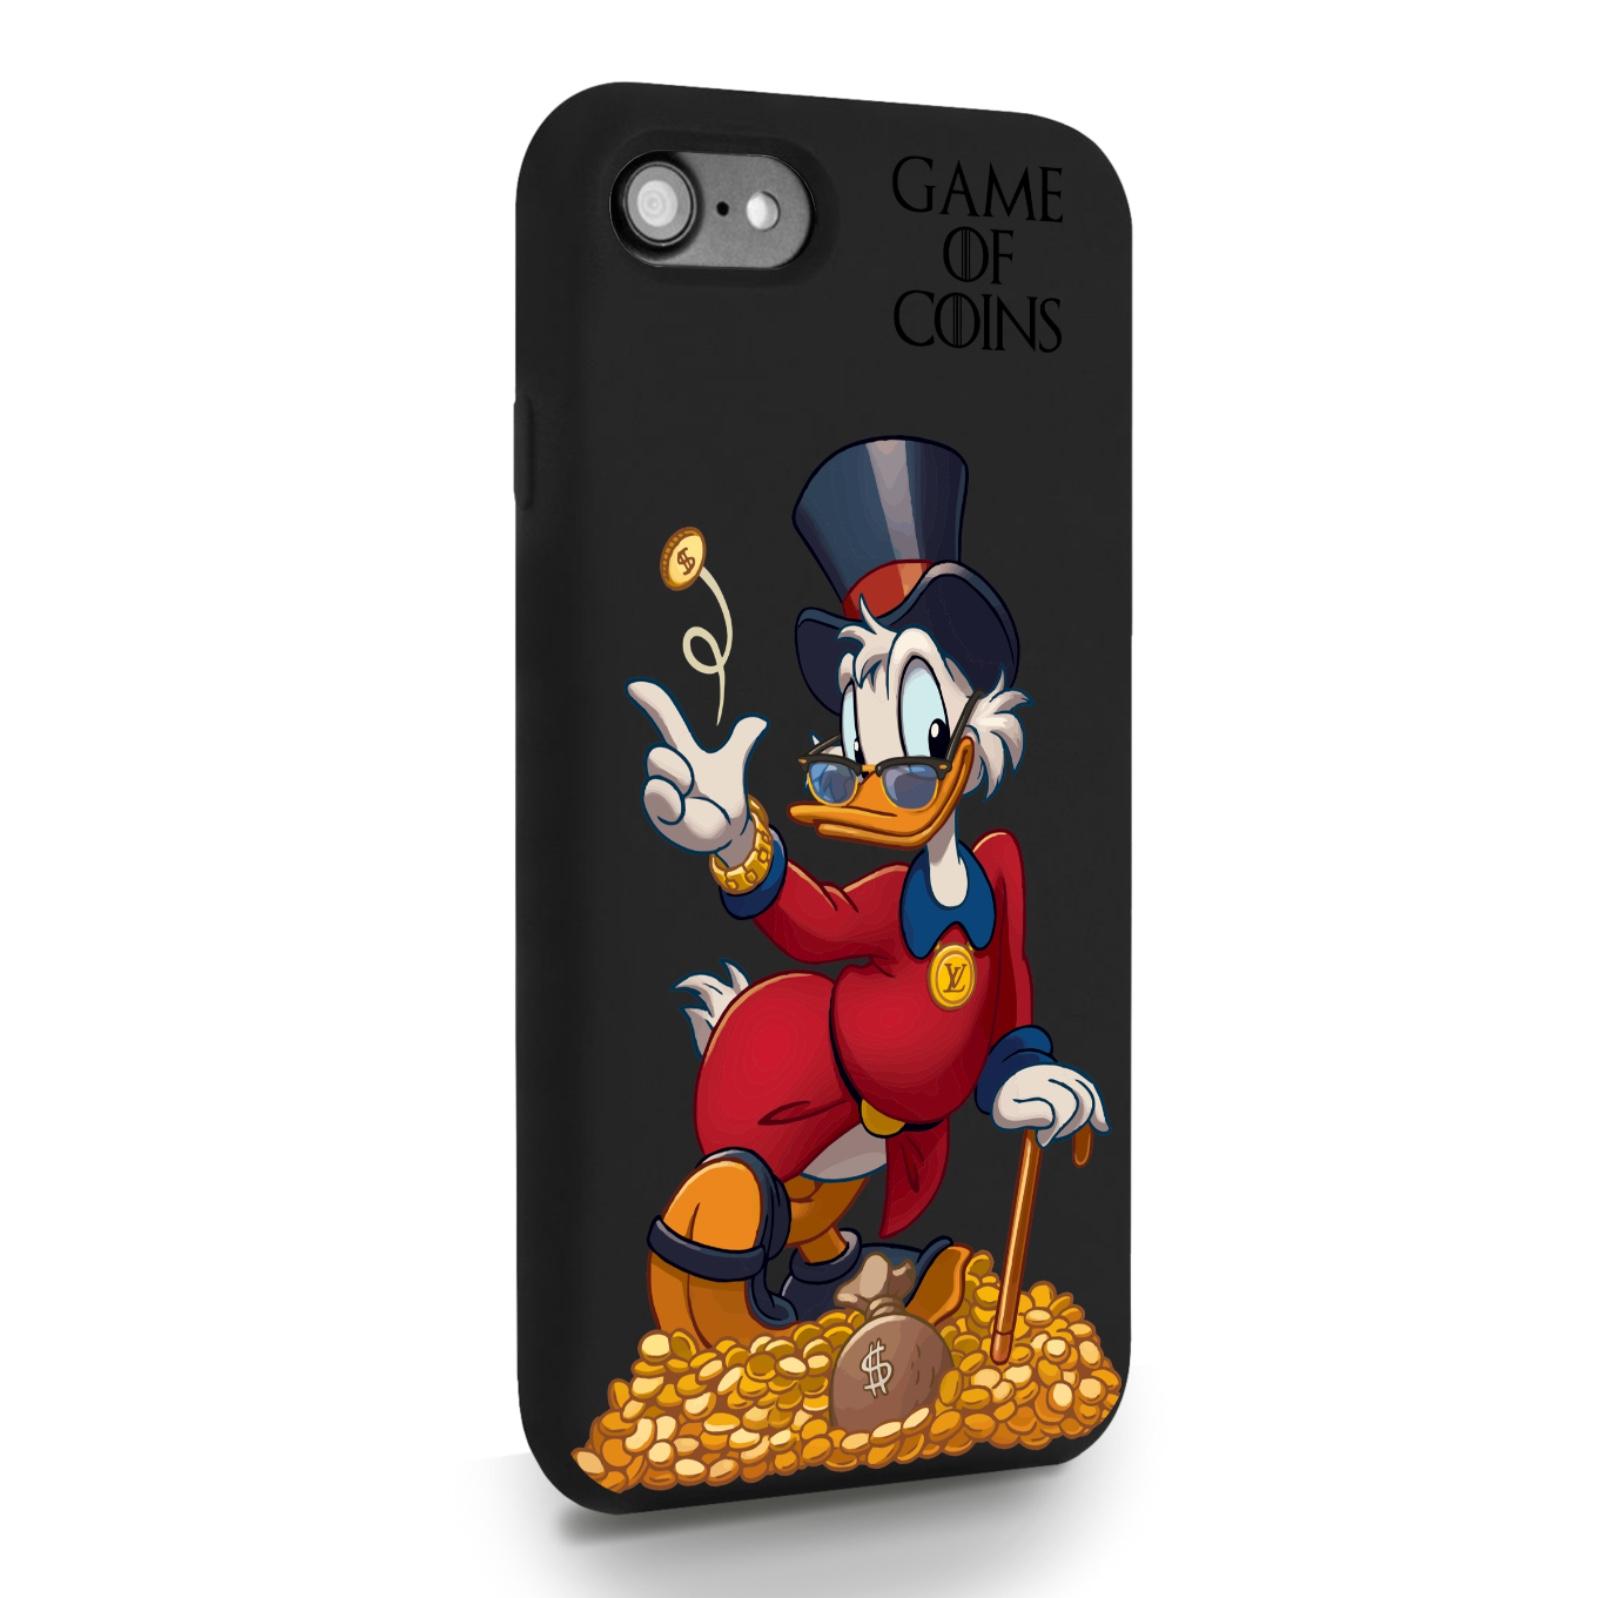 Черный силиконовый чехол для iPhone 7/8/SE2020 Богатая Утка Игра монет для Айфон 7/8/СЕ2020